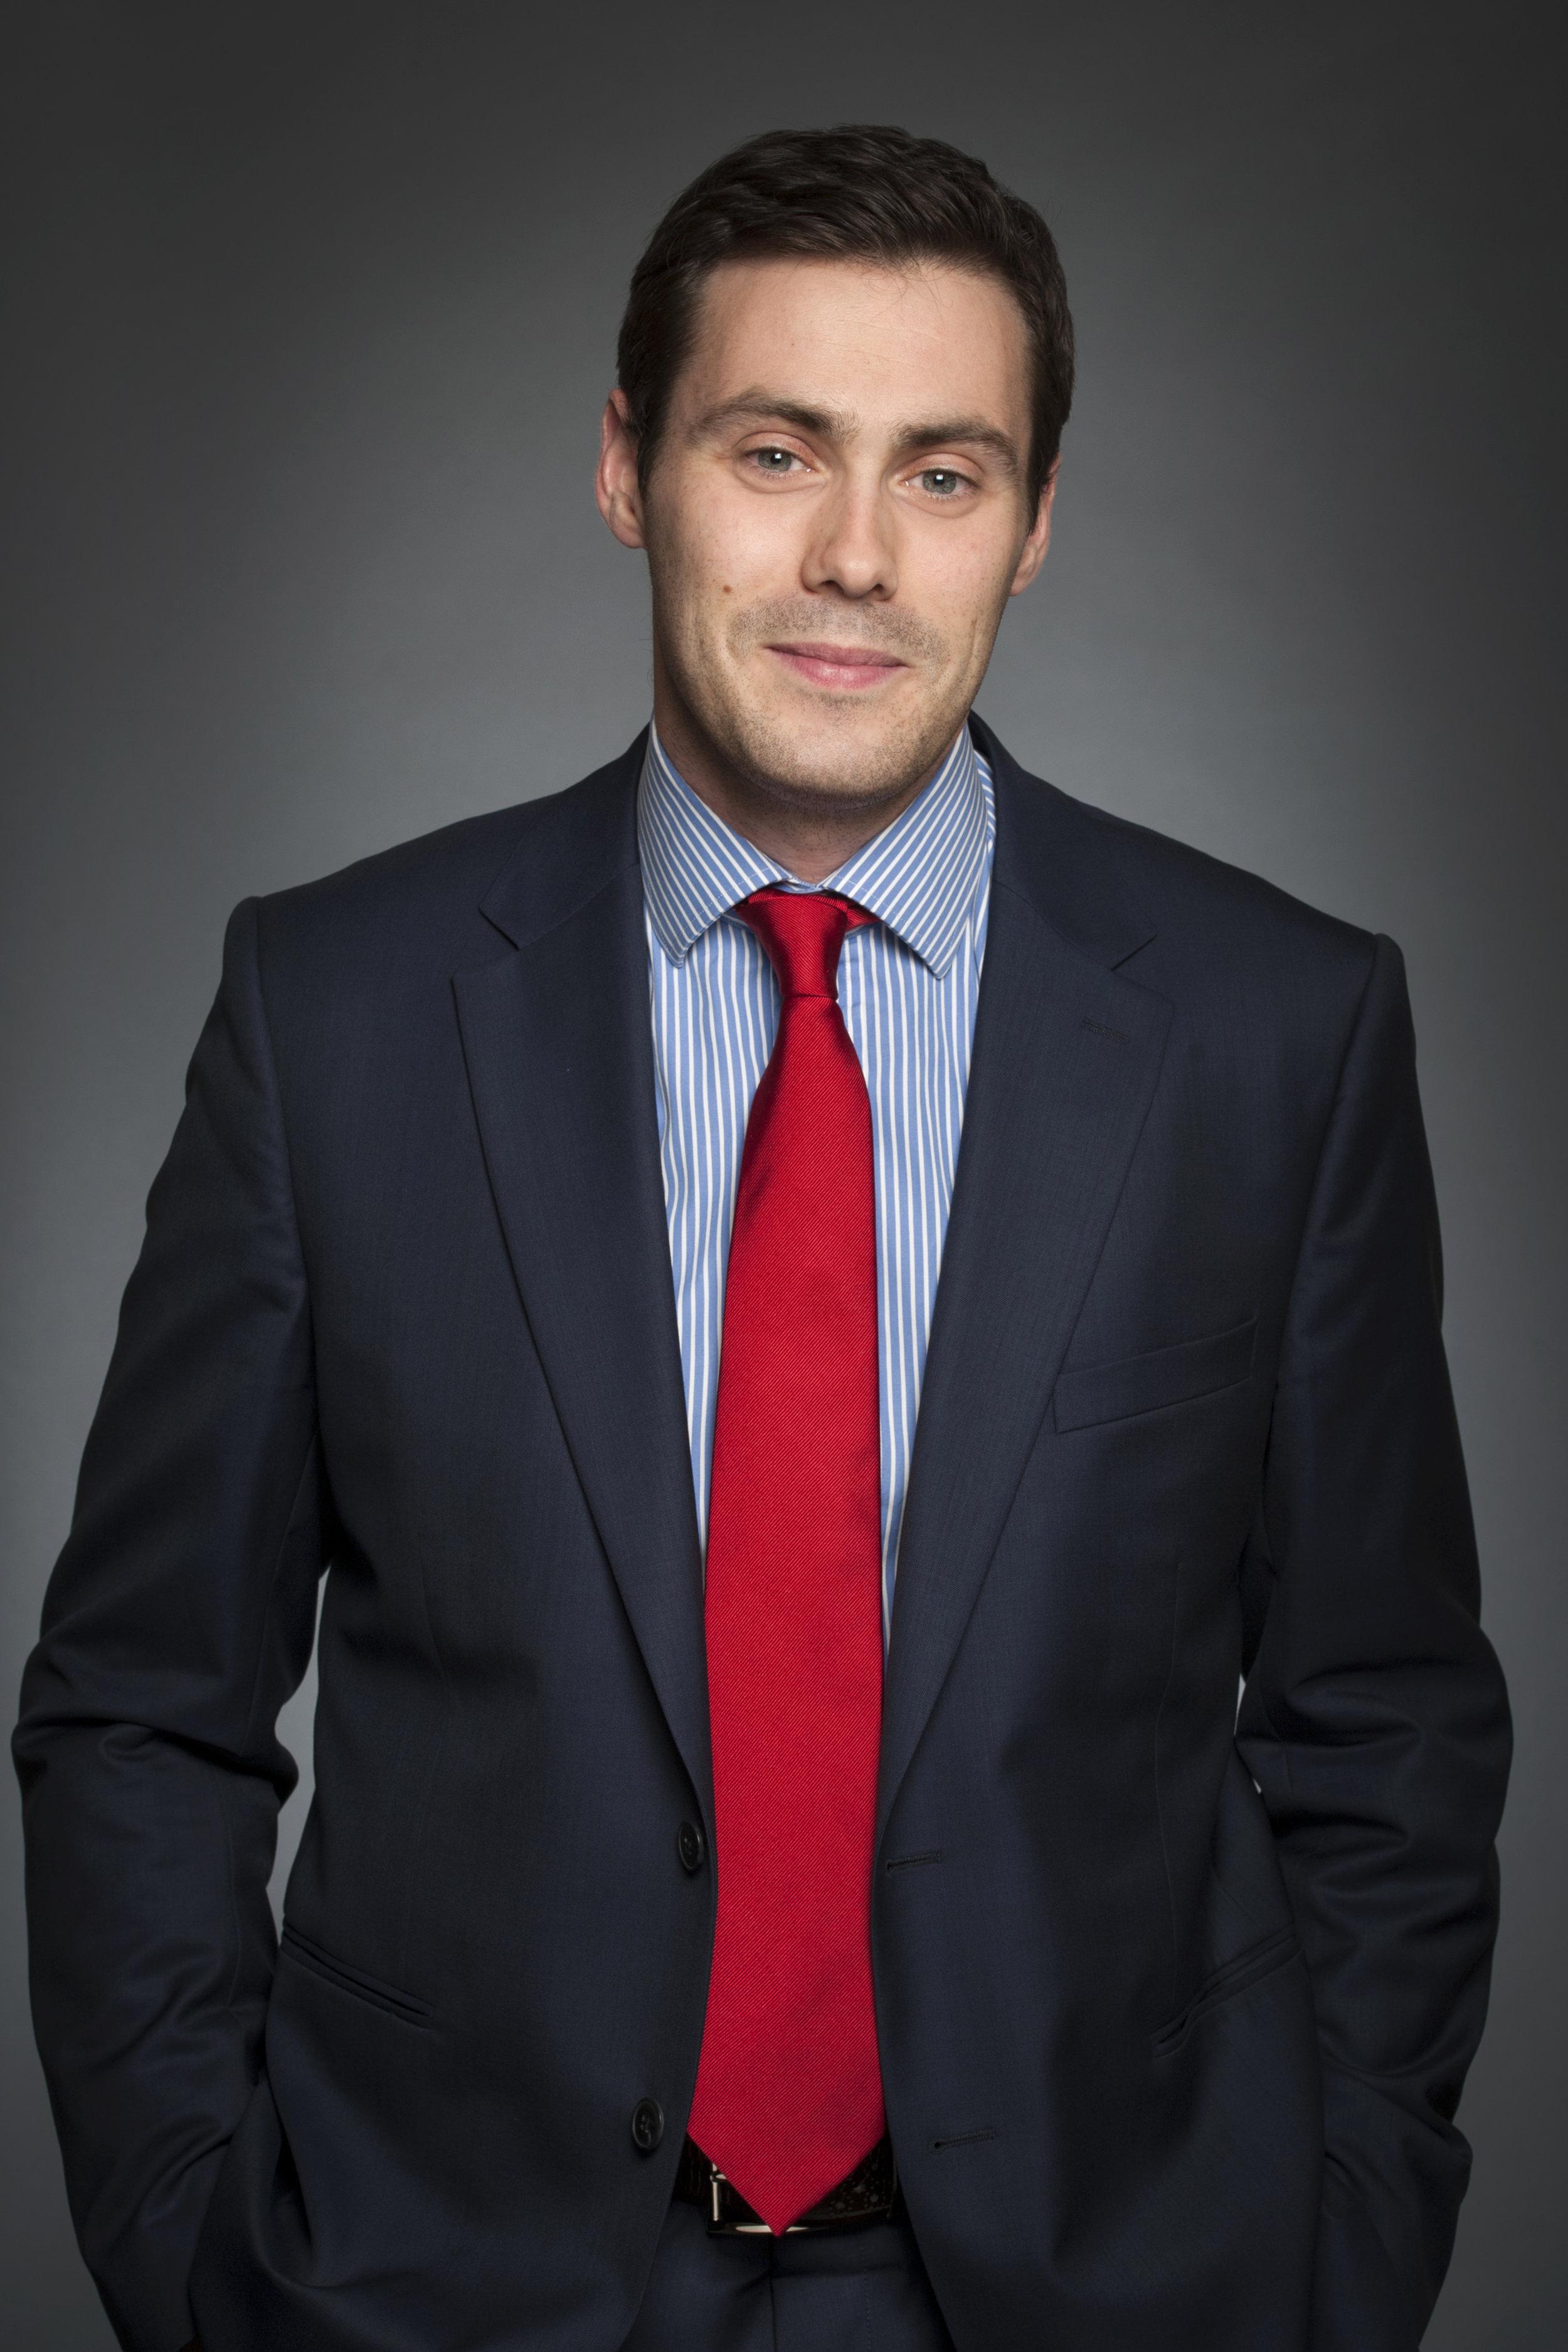 Thomas Burelli  Assistant Professor University of Ottawa, Faculty of Law  Thomas Burelli est juriste et doctorant en cotutelle à l'université d'Ottawa et à l'université de Perpignan. Il est diplômé en droit de l'environnement (LL.M – 2008), en anthropologie du droit (Master – 2009) et en propriété intellectuelle (Master – 2012). Il a participé à plusieurs missions de terrain dans l'outre-mer français (Nouvelle-Calédonie, Guyane et Polynésie française) sur le thème de l'accès et de l'utilisation des ressources génétiques et des savoirs traditionnels associés.  Ses recherches portent sur la circulation des savoirs traditionnels et sur les relations entre les scientifiques et les communautés autochtones et locales au Canada et en France. Il étudie en particulier les différents instruments et pratiques développées afin d'aménager les relations d'échange des savoirs traditionnels entre autochtones et non autochtones.